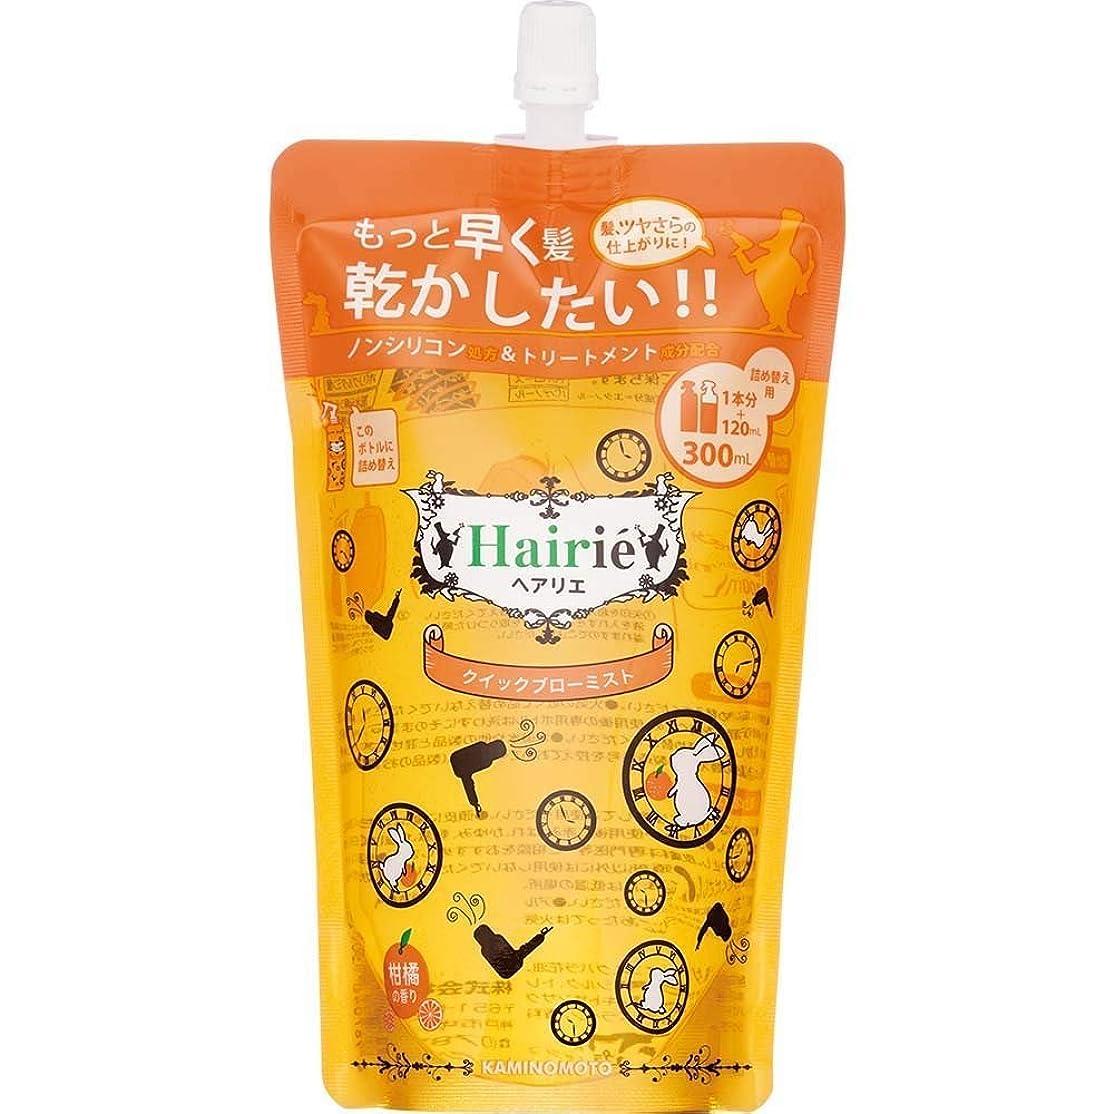 パイプライン受け皿仕様ヘアリエ クイックブローミスト 柑橘の香り 詰め替え 300mL×6個